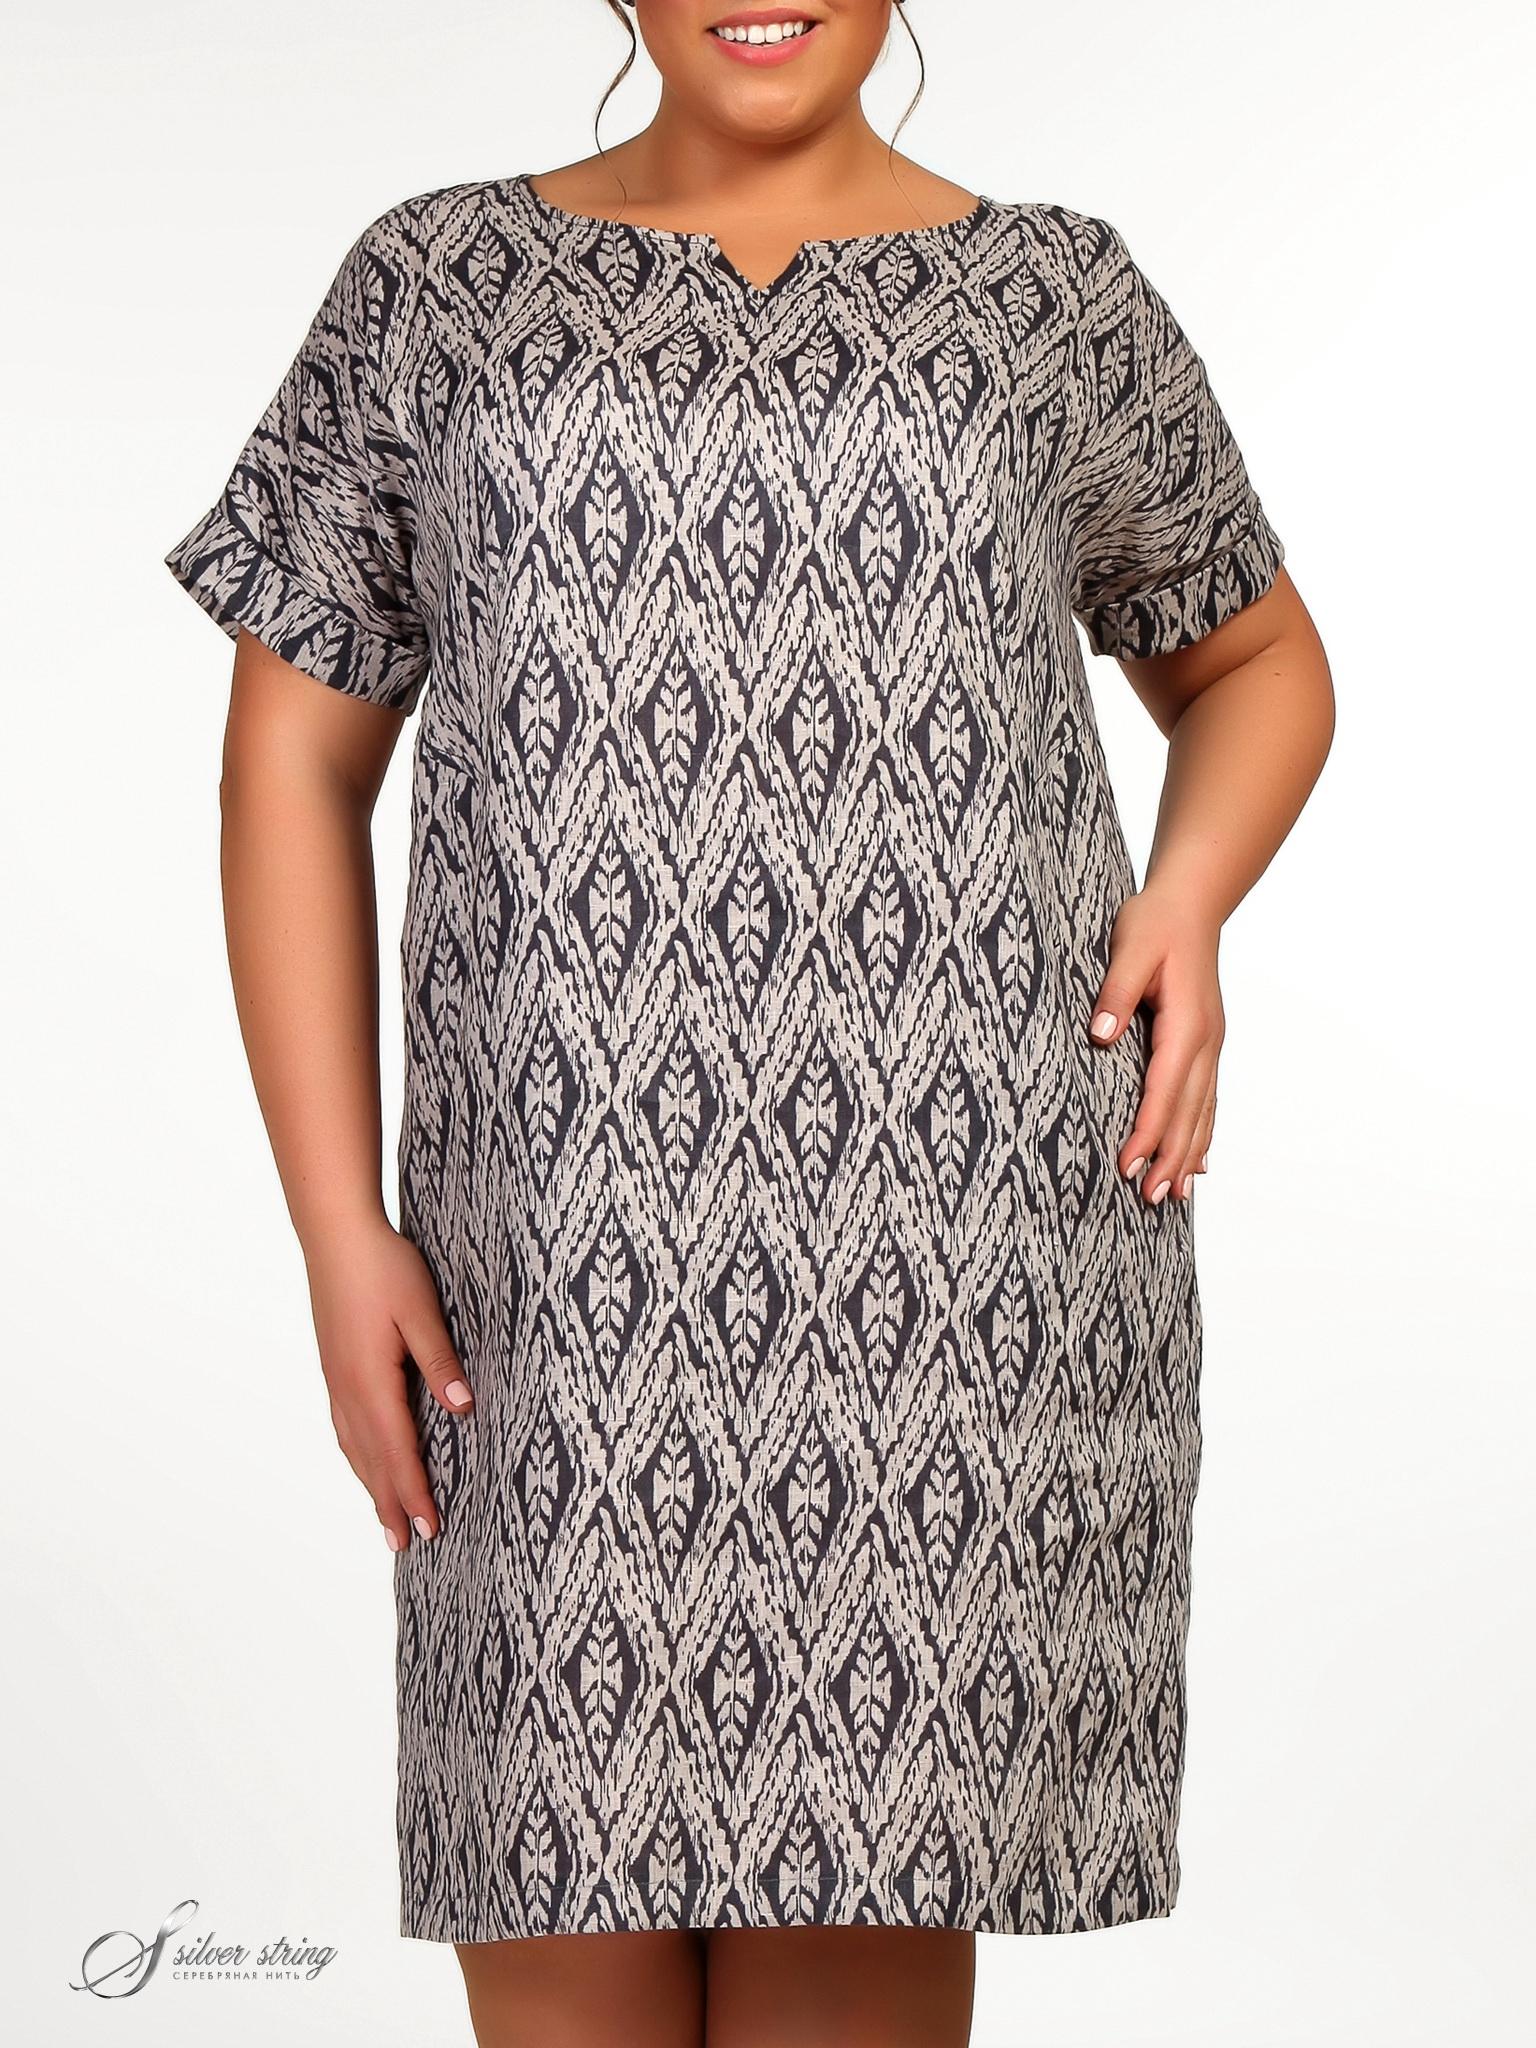 Сербряная Нить Женская Одежда